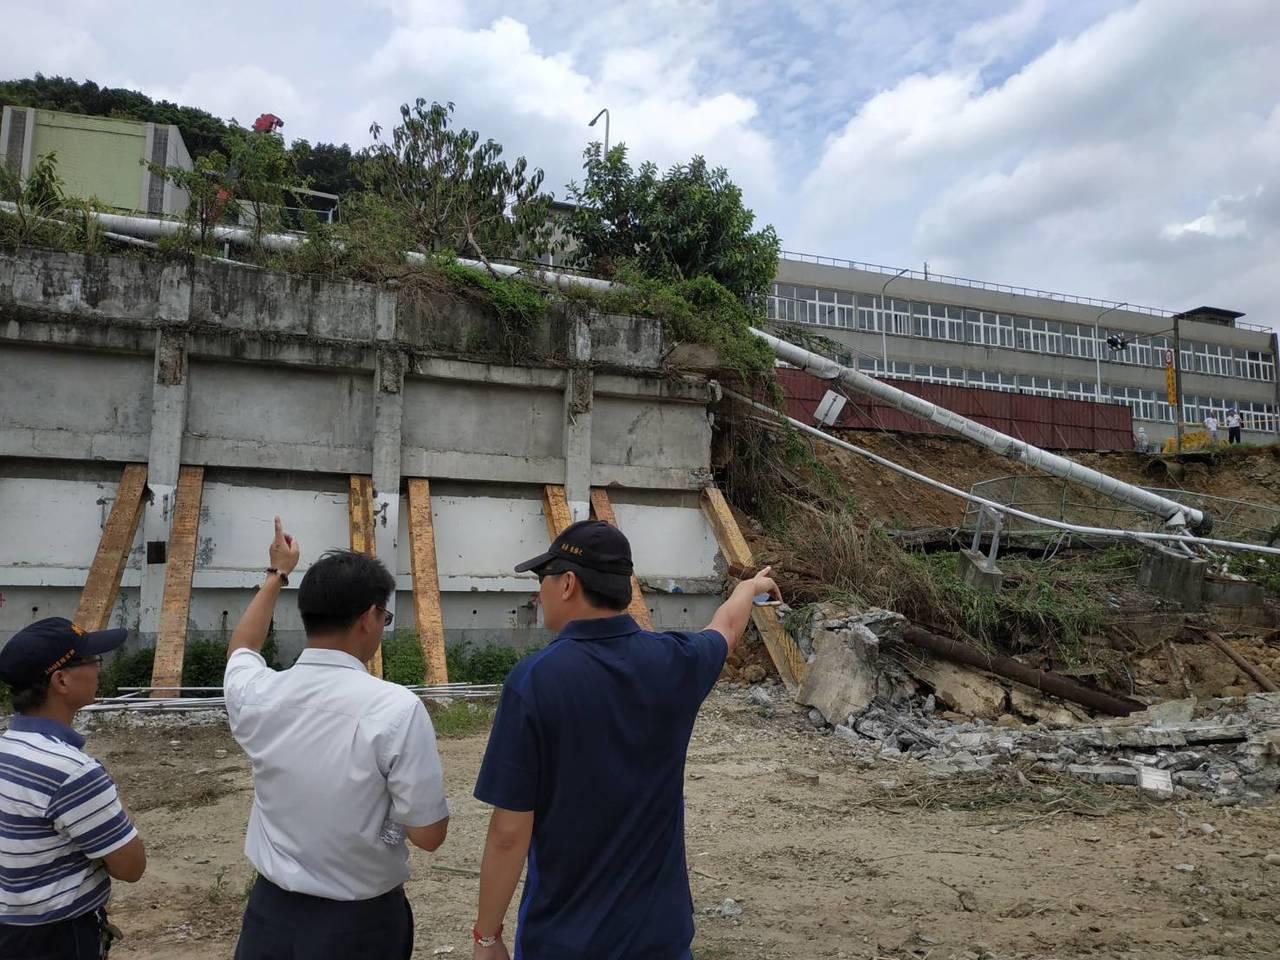 新北市工務局接獲泰山區路面坍塌通知後,已於現場了解原因並進行交通維護。圖/新北市...